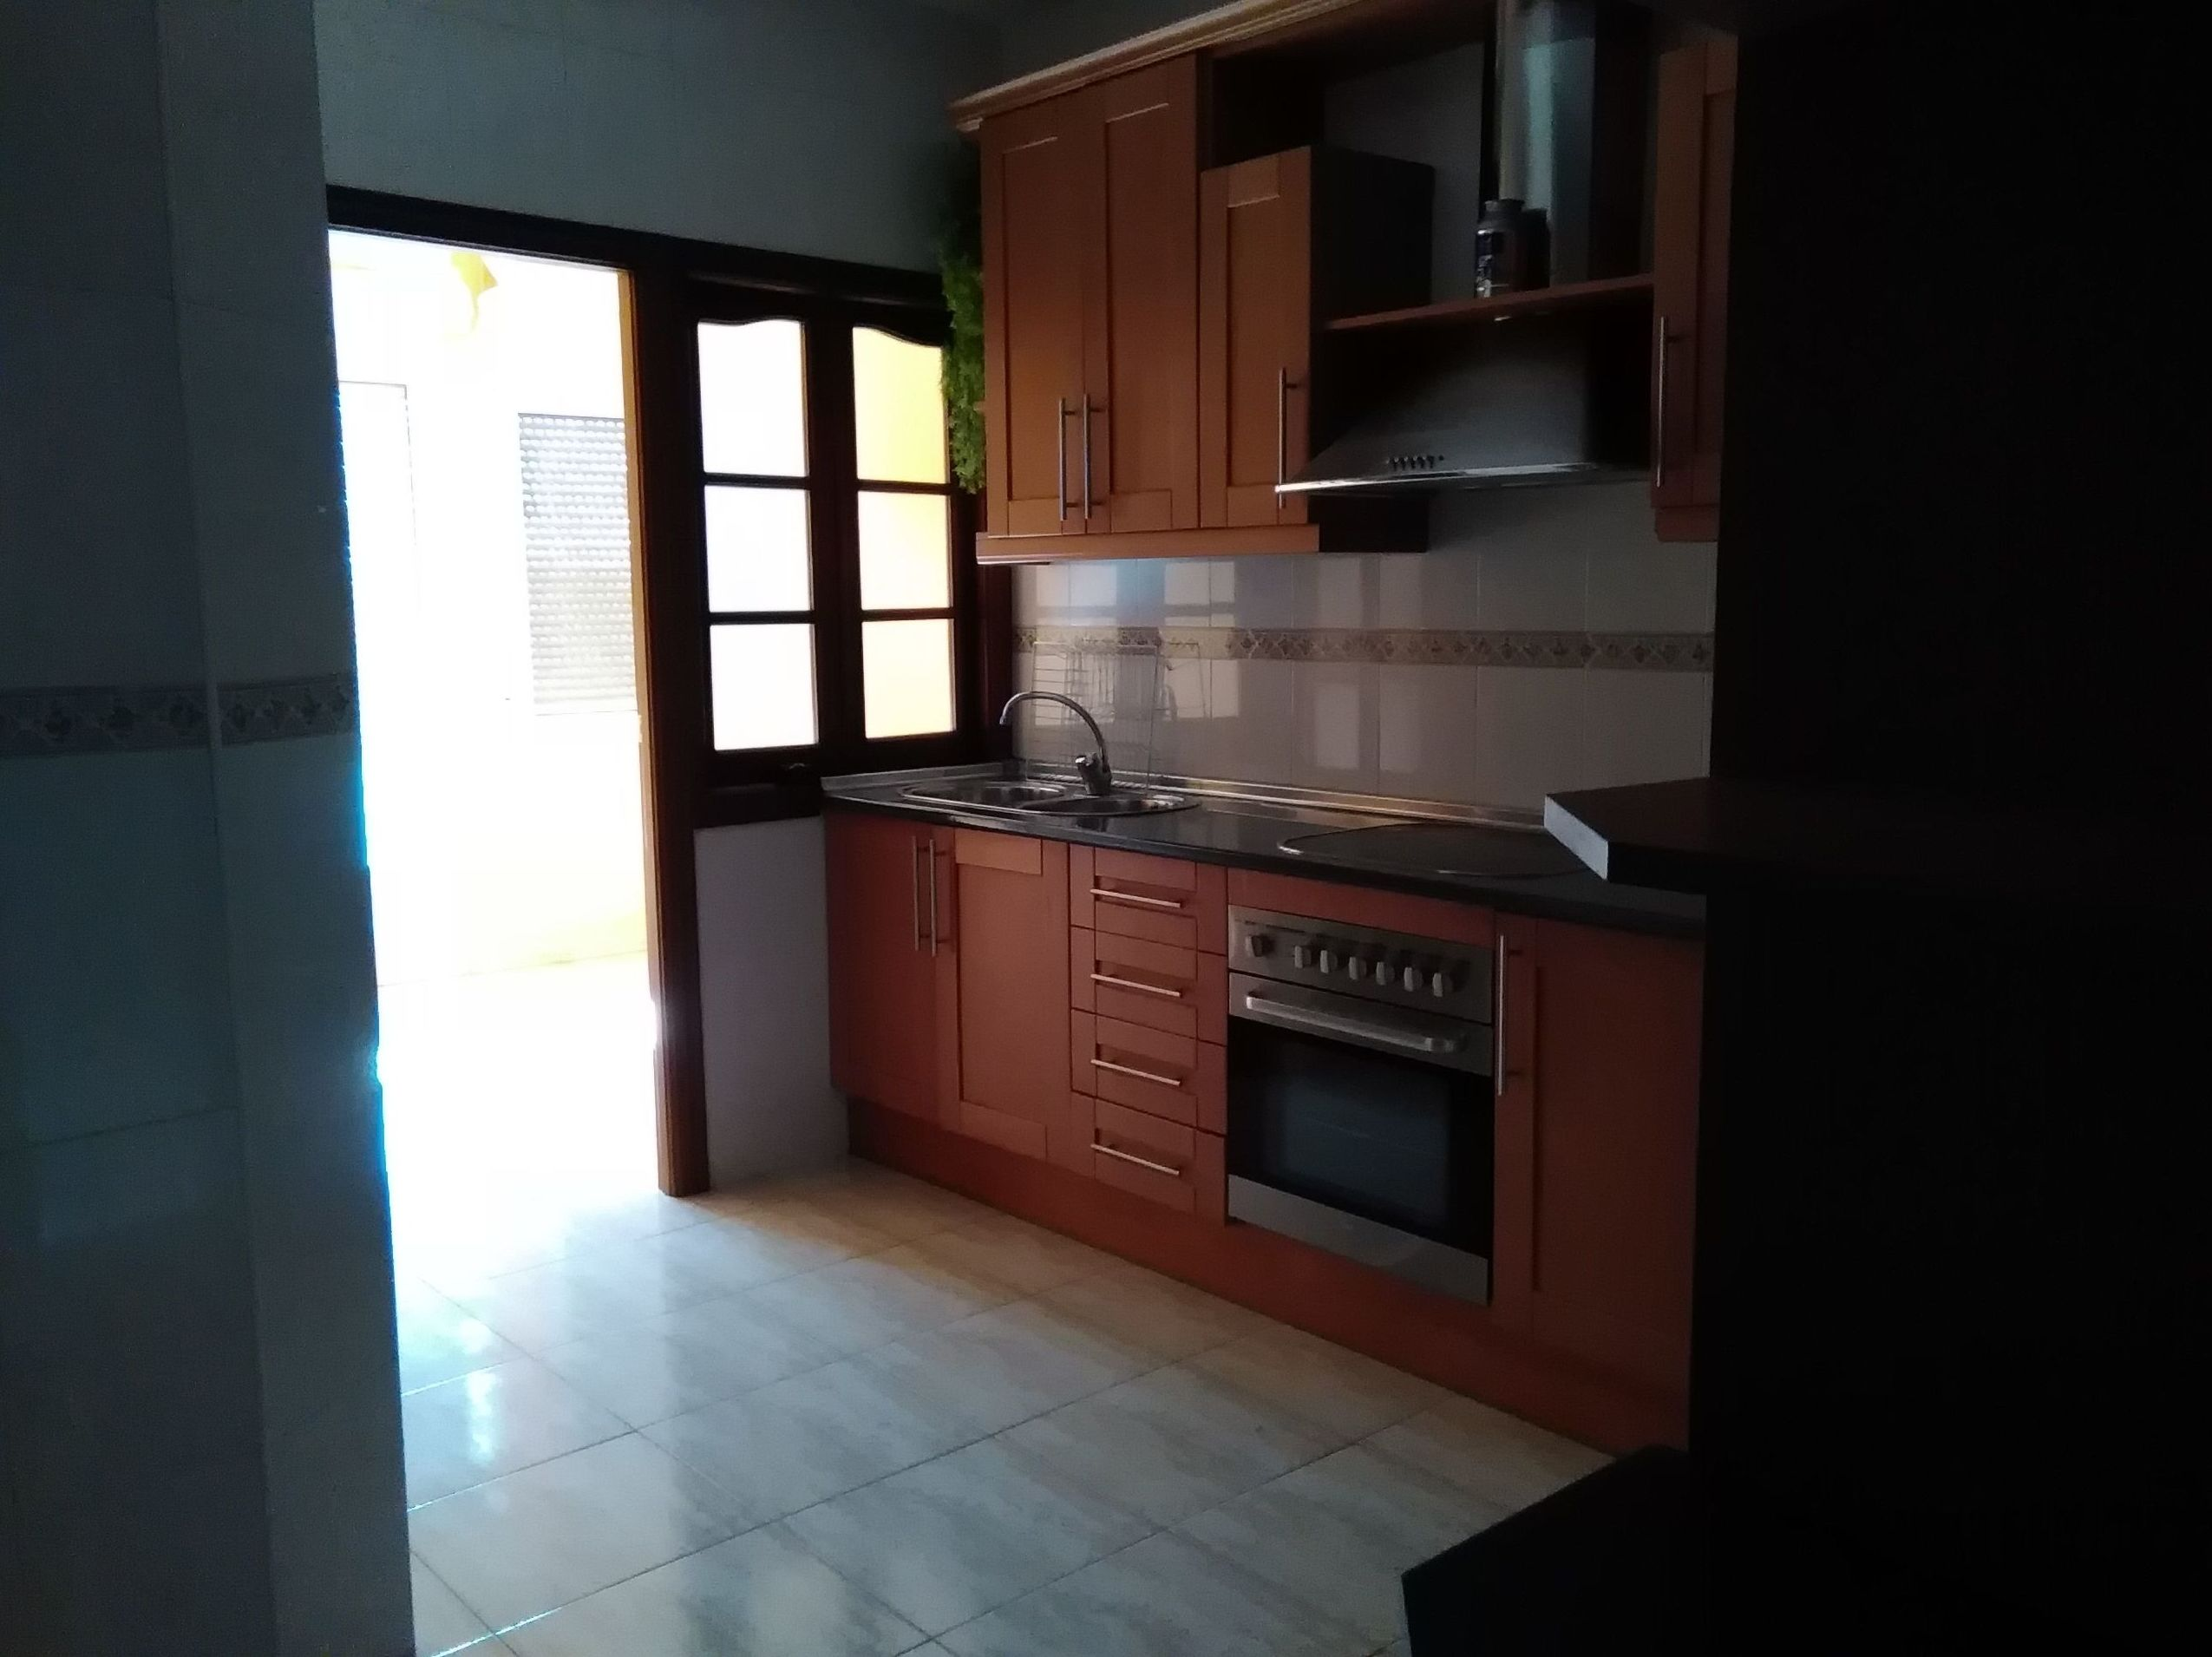 Venta de casa con dos pisos en Cervantes: Inmuebles Urbanos de ANTONIO ARAGONÉS DÍAZ PAVÓN